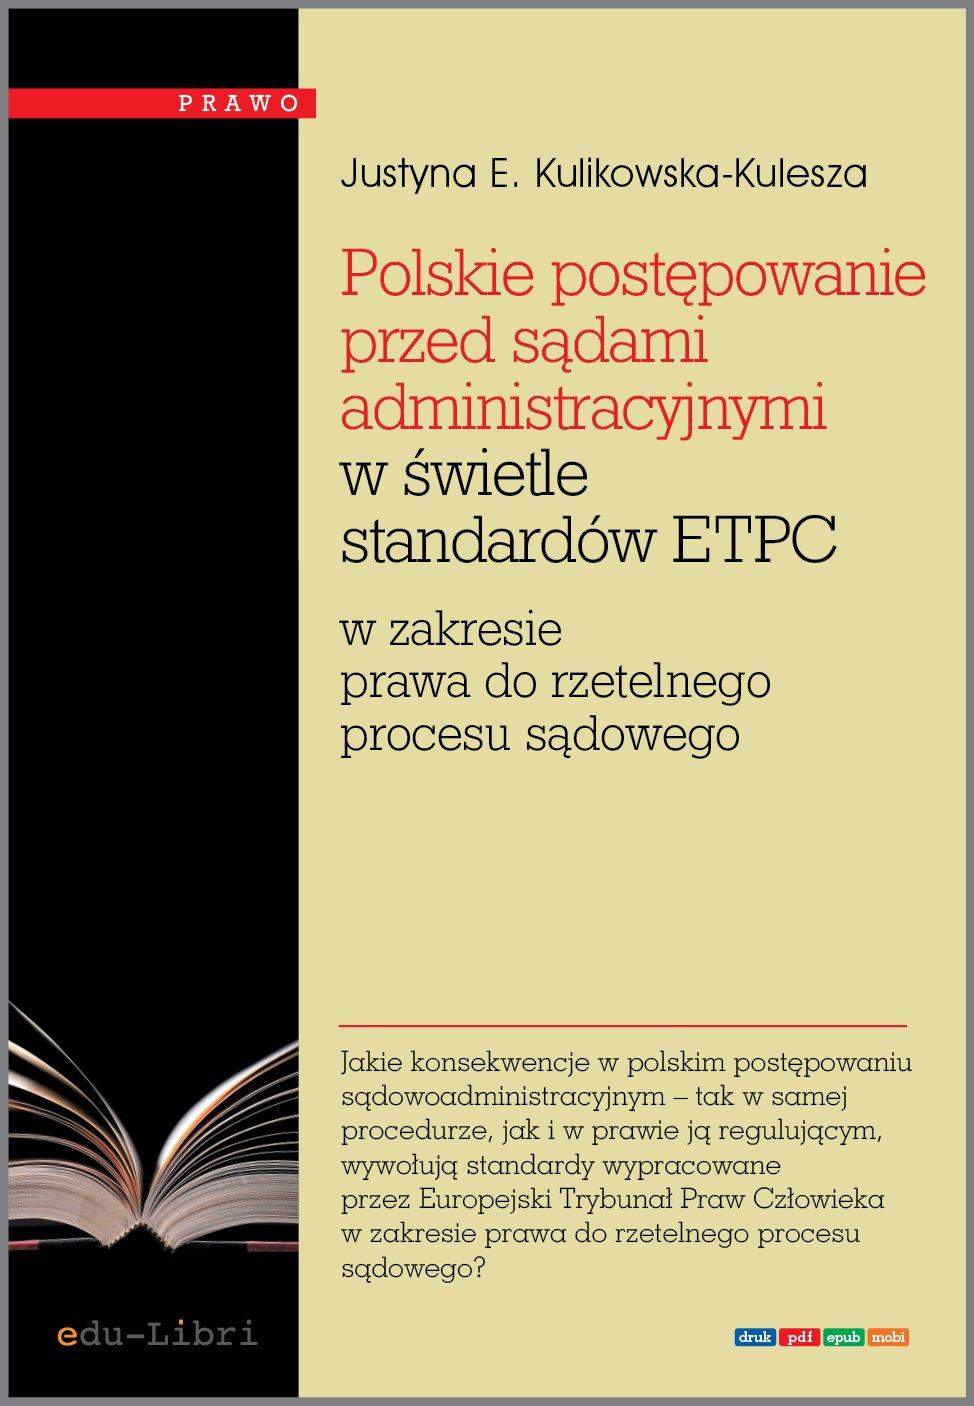 Polskie postępowanie przed sądami administracyjnymi w świetle standardów ETPC w zakresie prawa do rzetelnego procesu sądowego - Ebook (Książka na Kindle) do pobrania w formacie MOBI